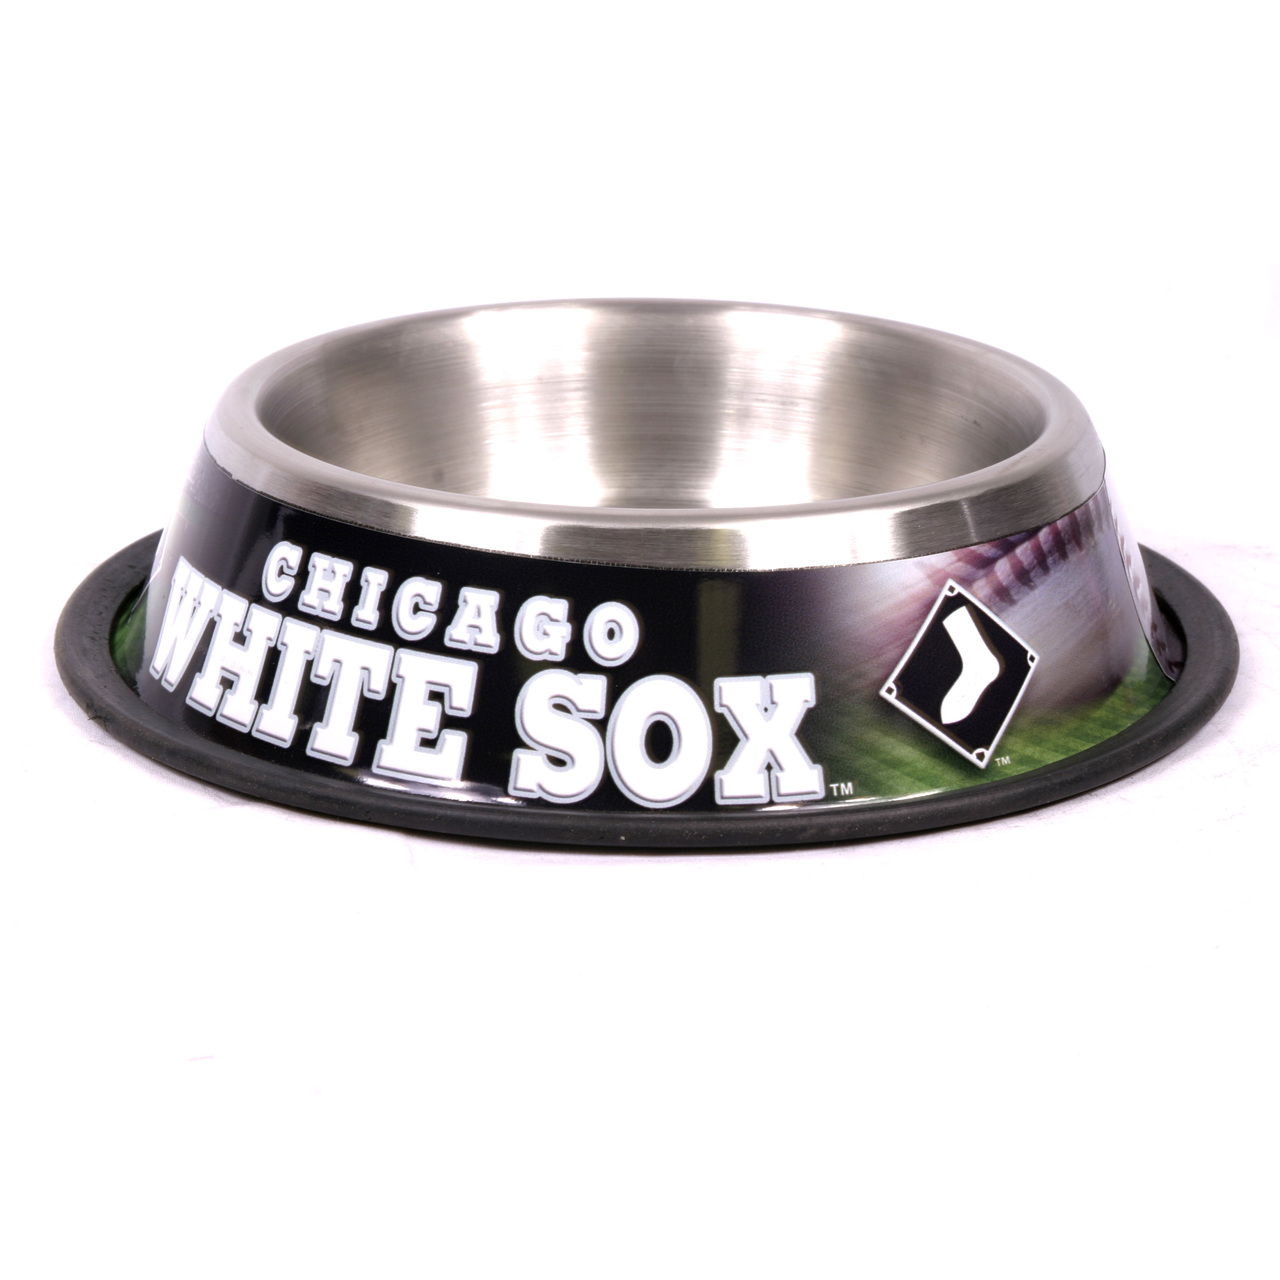 chicago-white-sox-stainless-steel-mlb-dog-bowl